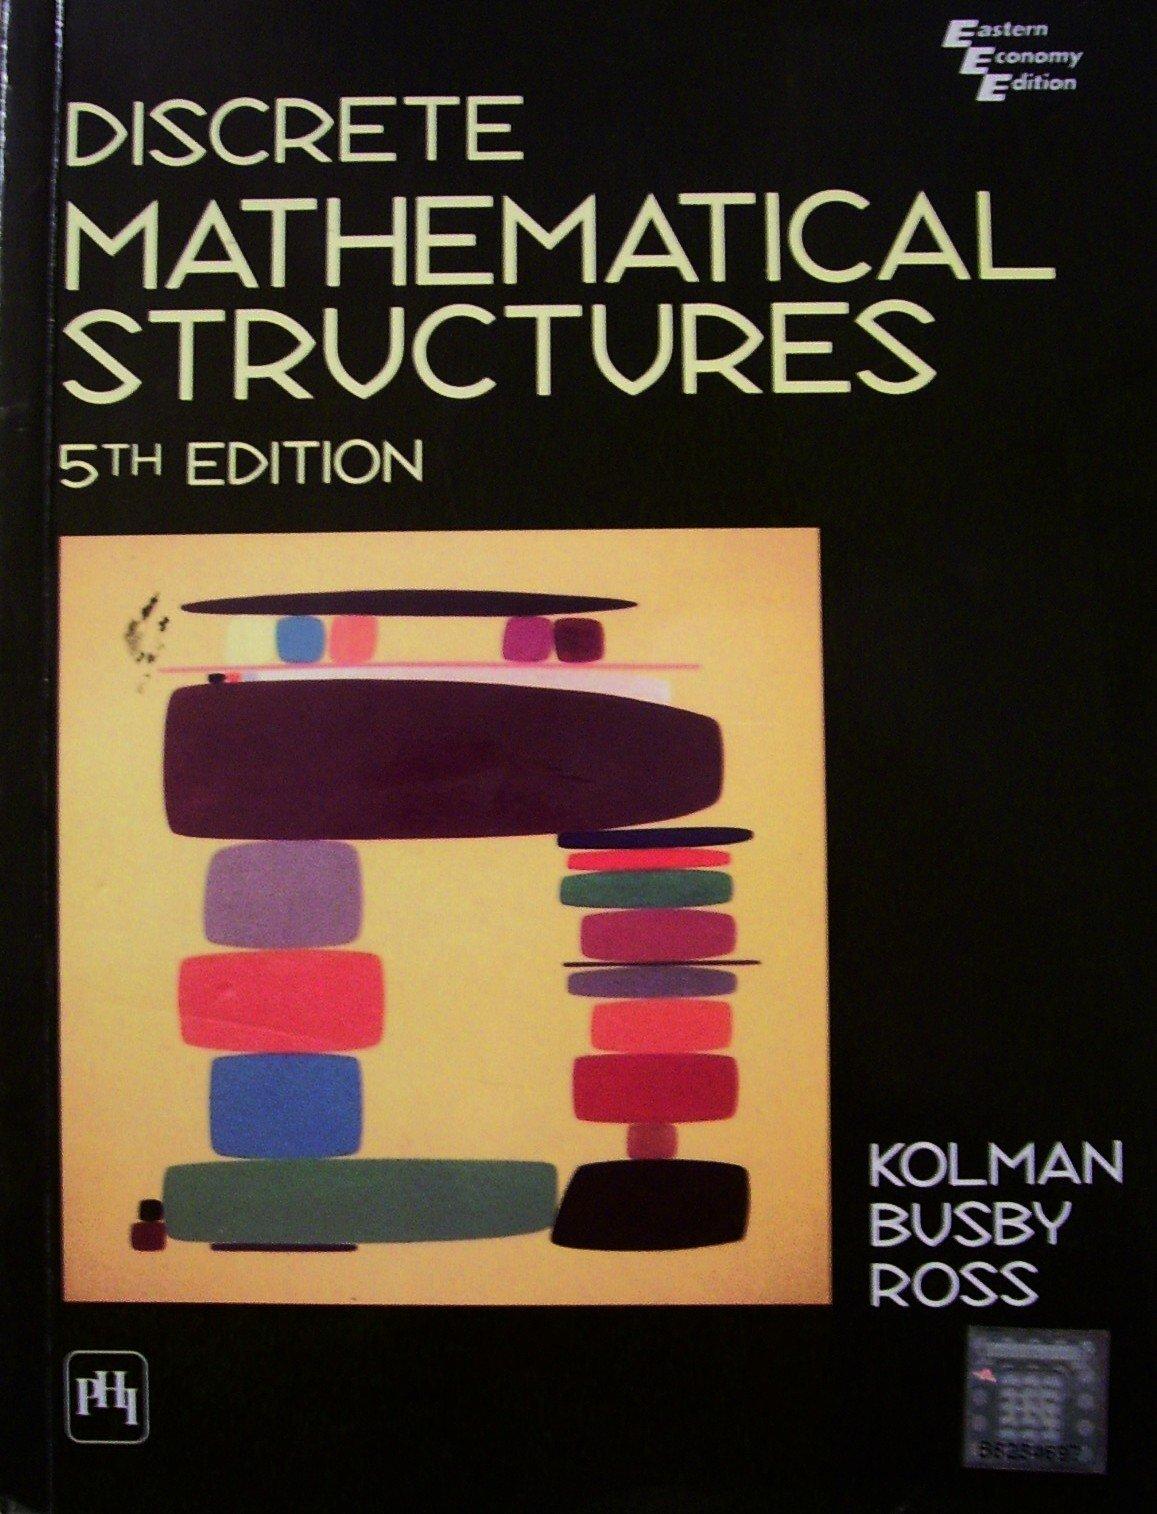 Discrete Mathematical Structures 5th Edition by Bernard Kolman, Robert C. Busby and Sharon Cutler Ross - 2006 (Import) ebook